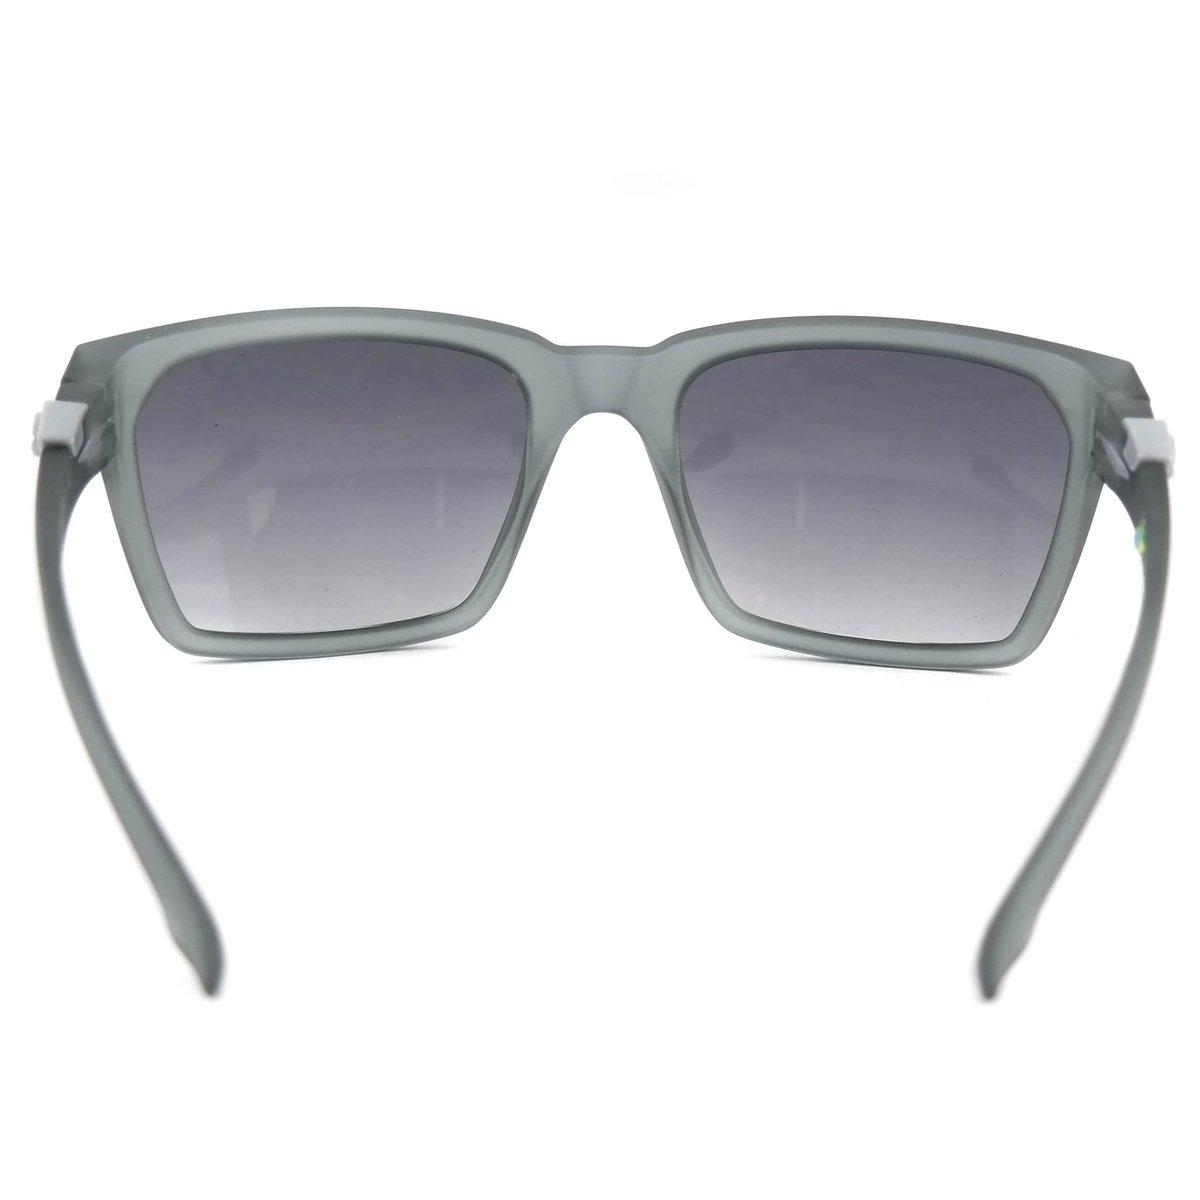 cd903cb5ea78f Óculos de Sol Mormaii Las Vegas - Cinza - Compre Agora   Zattini